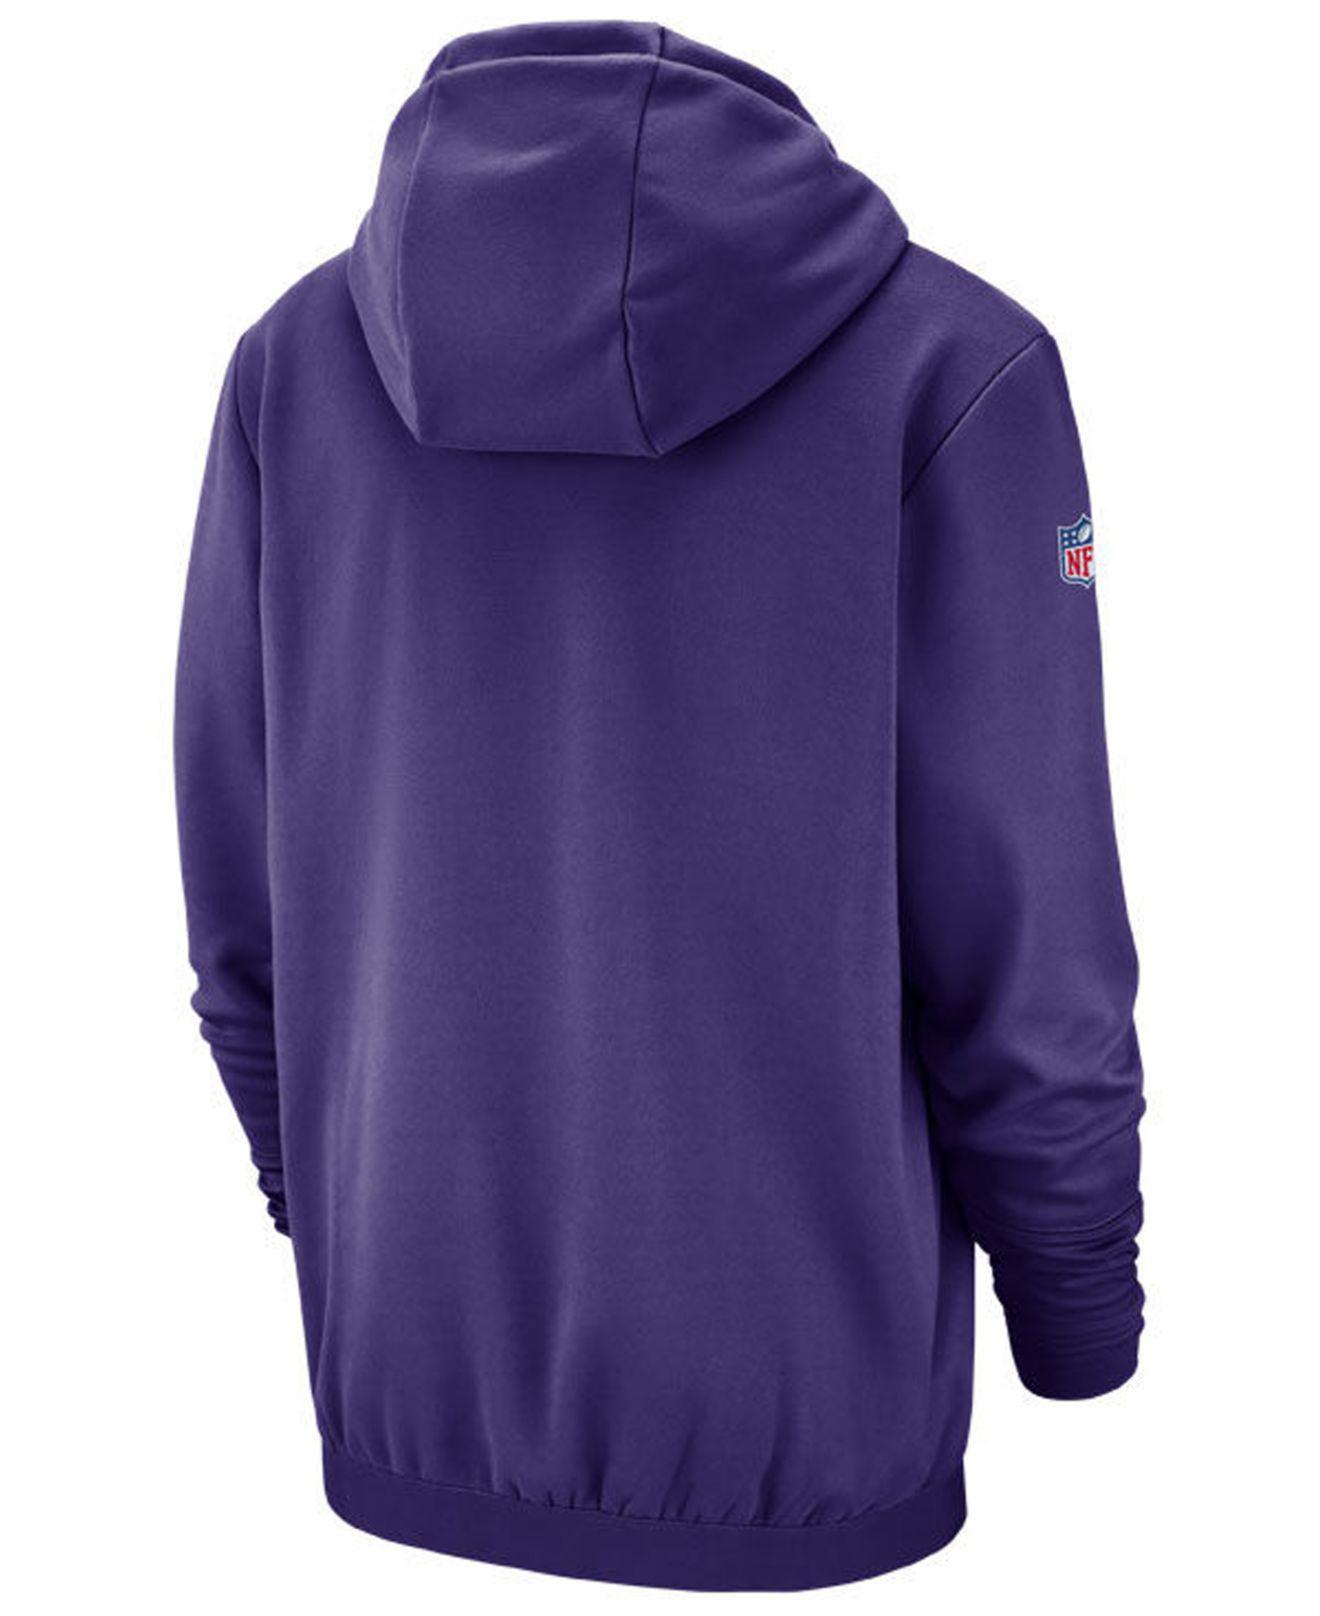 Lyst - Nike Minnesota Vikings Sideline Player Therma Hoodie in Purple for  Men 4eda05d7c